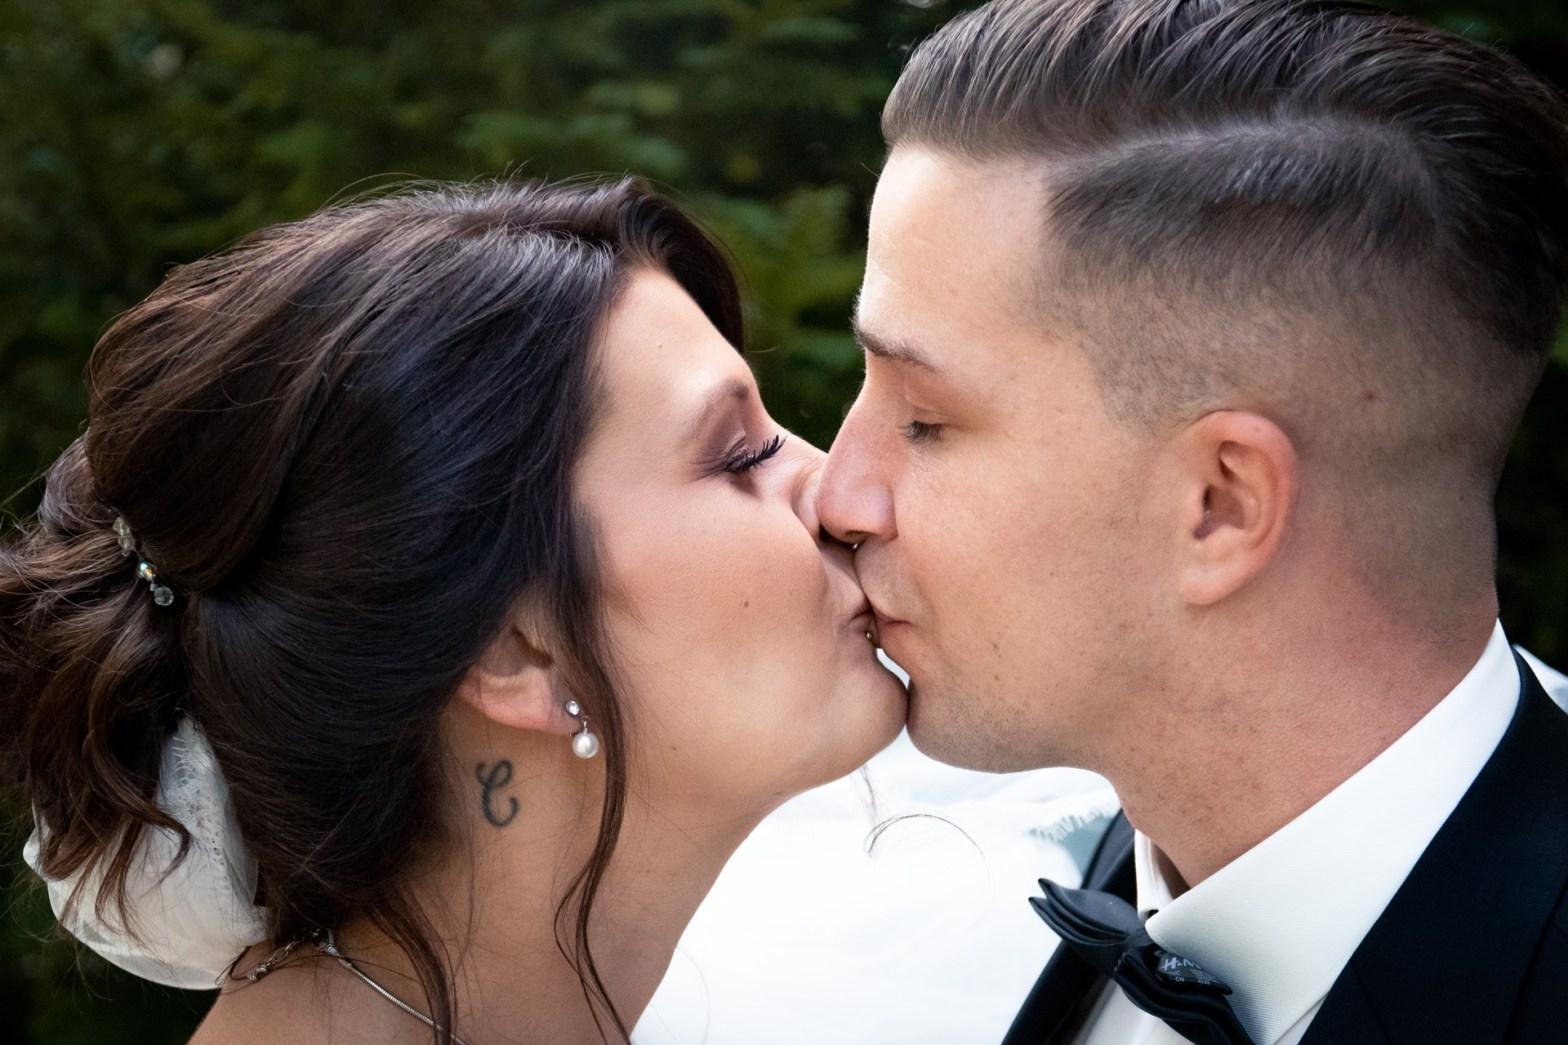 Hochzeitsfoto Braut und Bräutigam